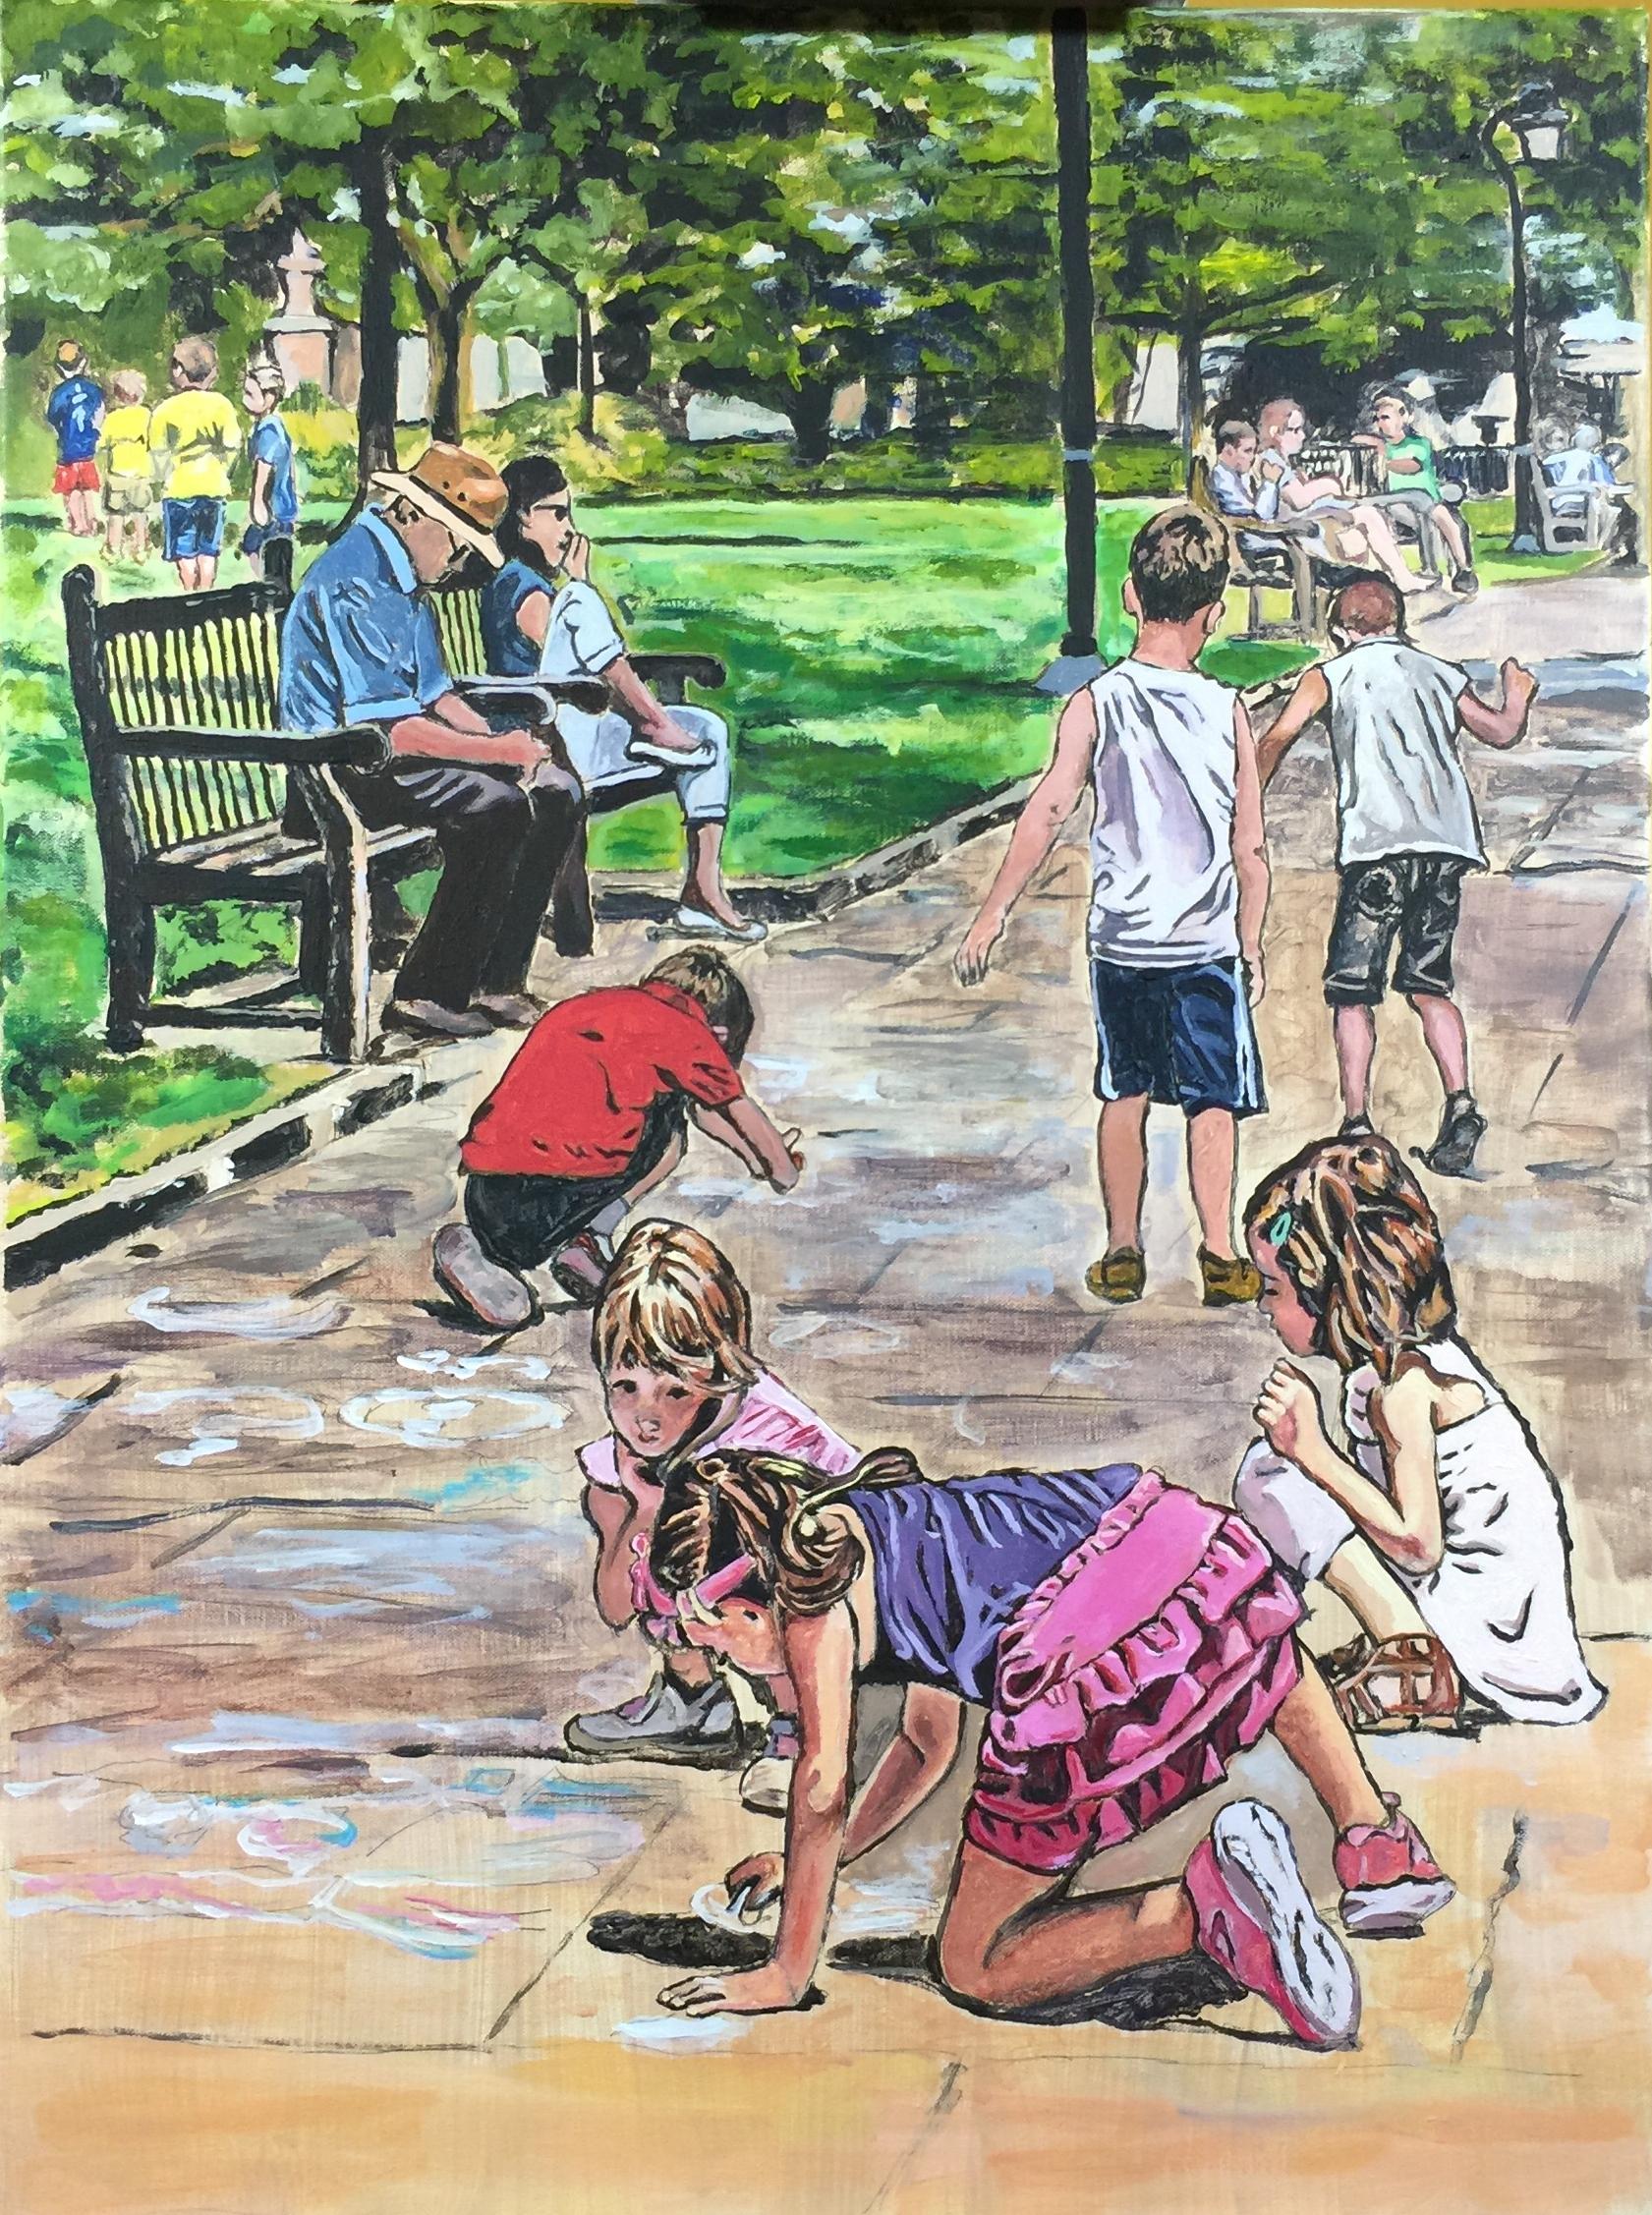 """Philadelphia Street Scene - Washington Square Park - """"Sidewalk Drawing in Washington Square Park"""" - 18x24 inches. Acrylic on Stretched Canvas."""